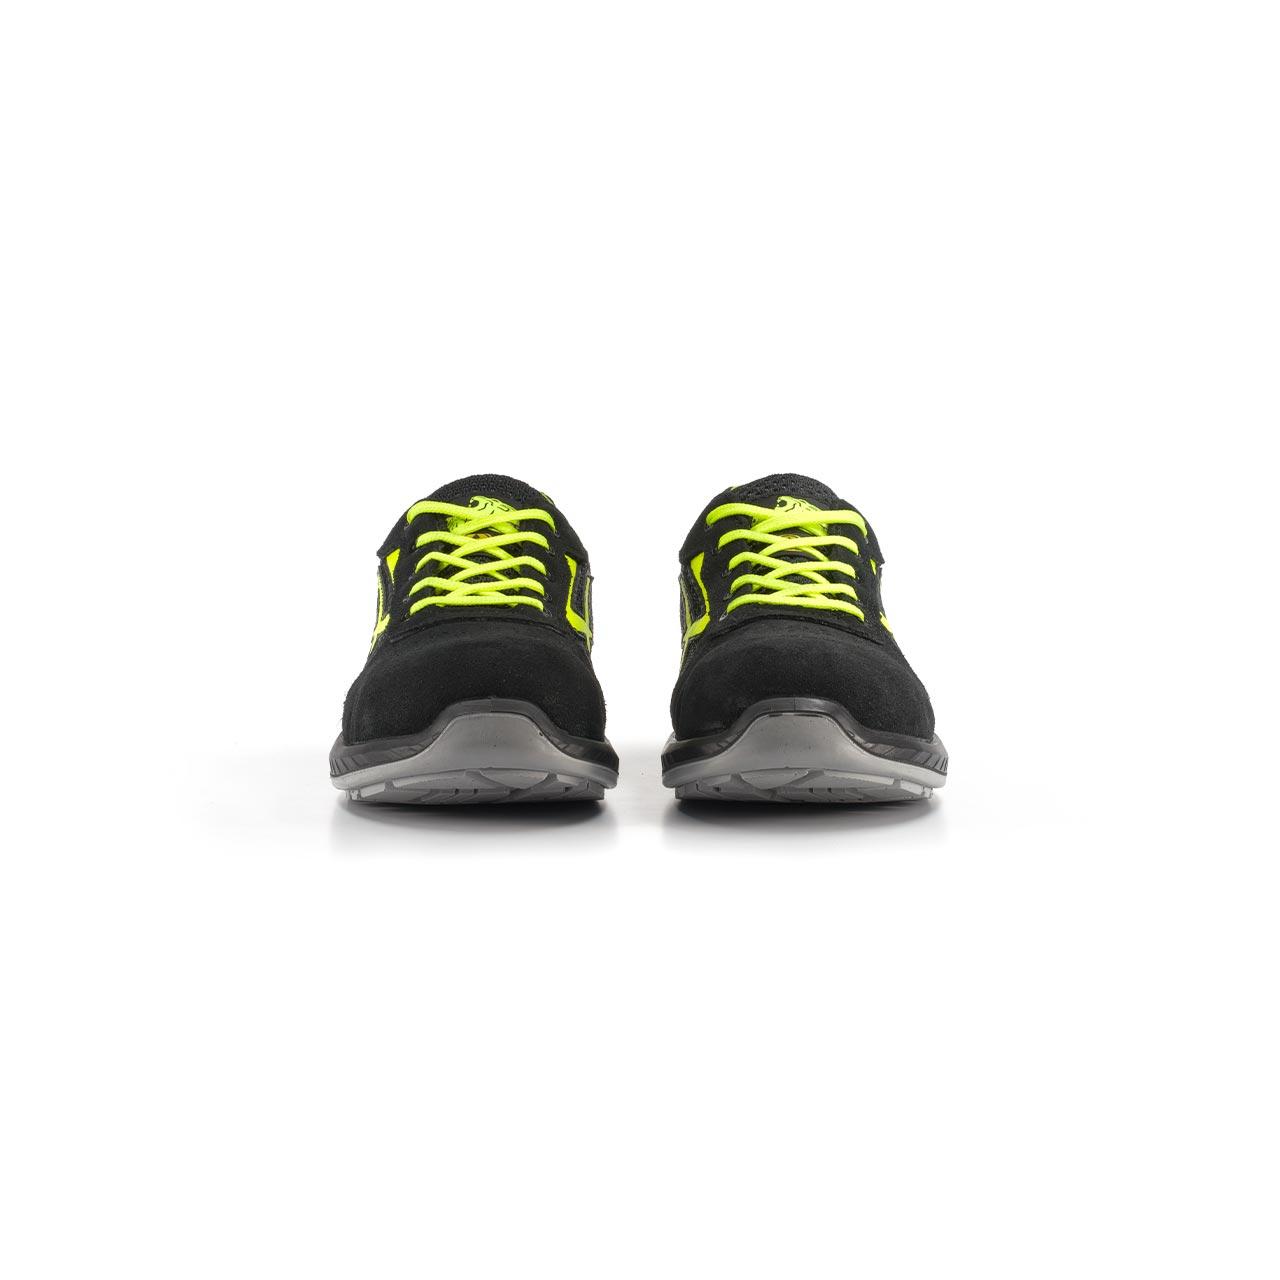 paio di scarpe antinfortunistiche upower modello marsiglia linea redindustry vista frontale